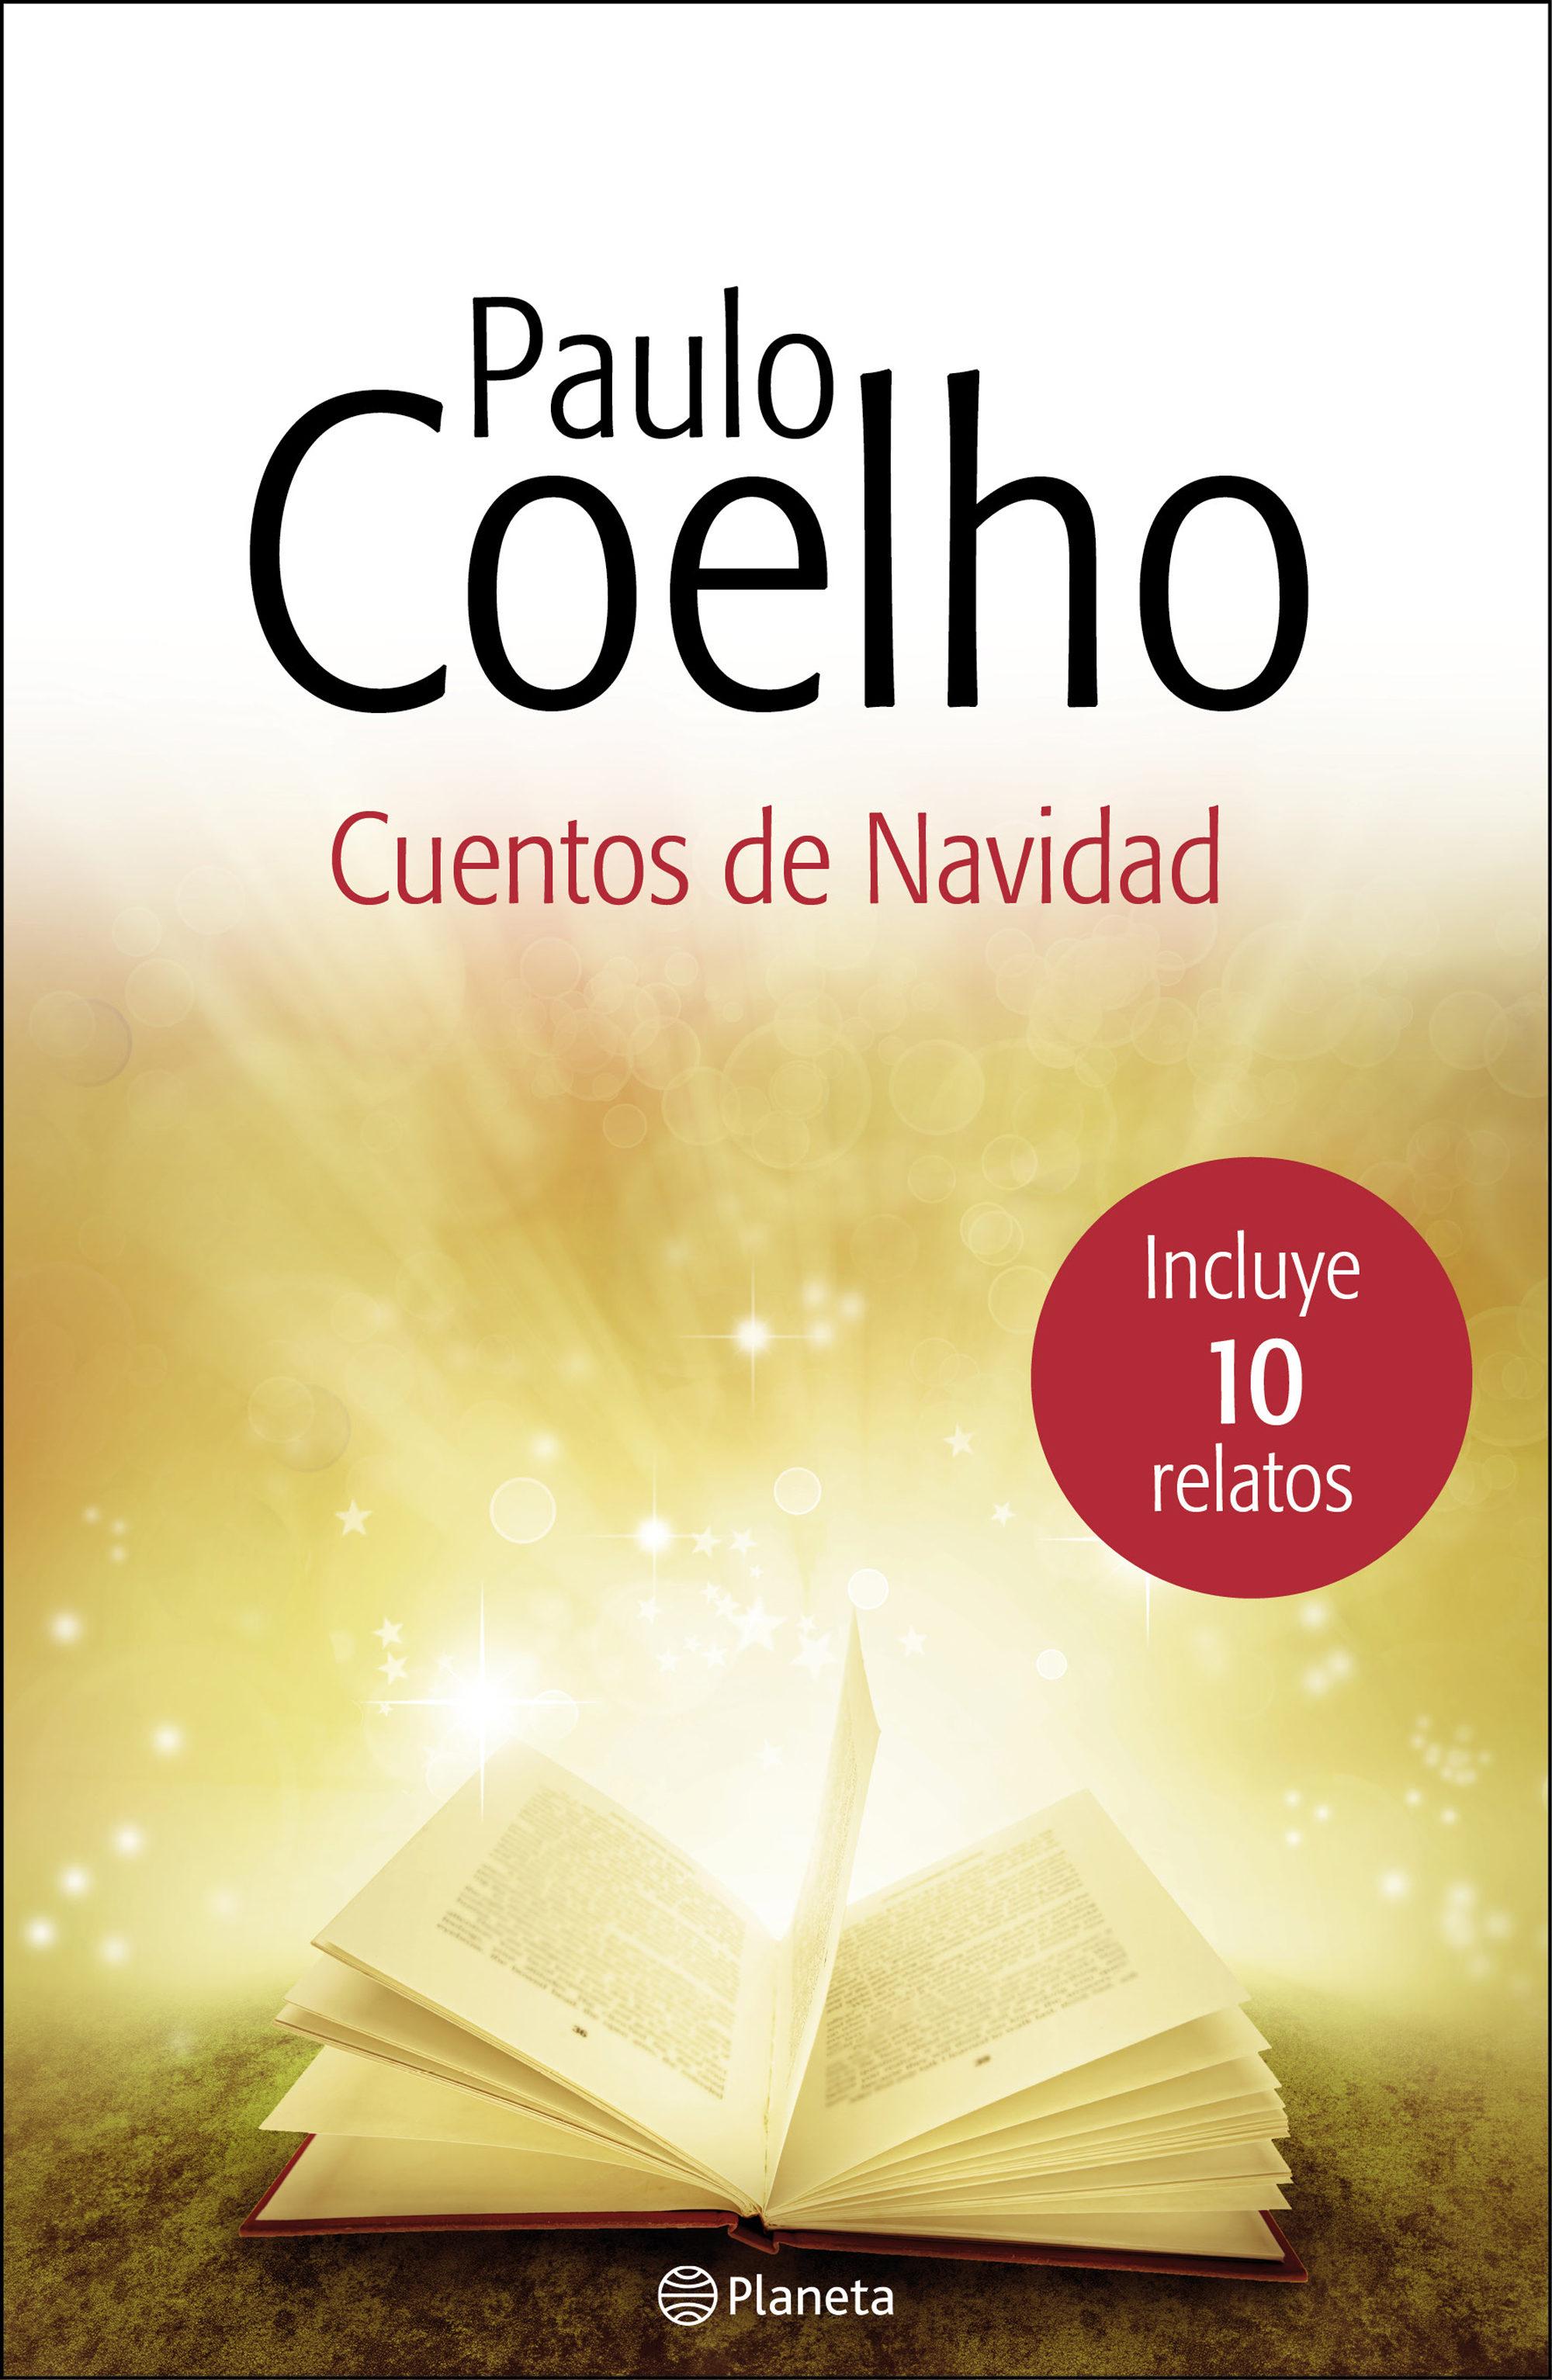 Cuentos De Navidad De Paulo Coelho Ebook Paulo Coelho Descargar